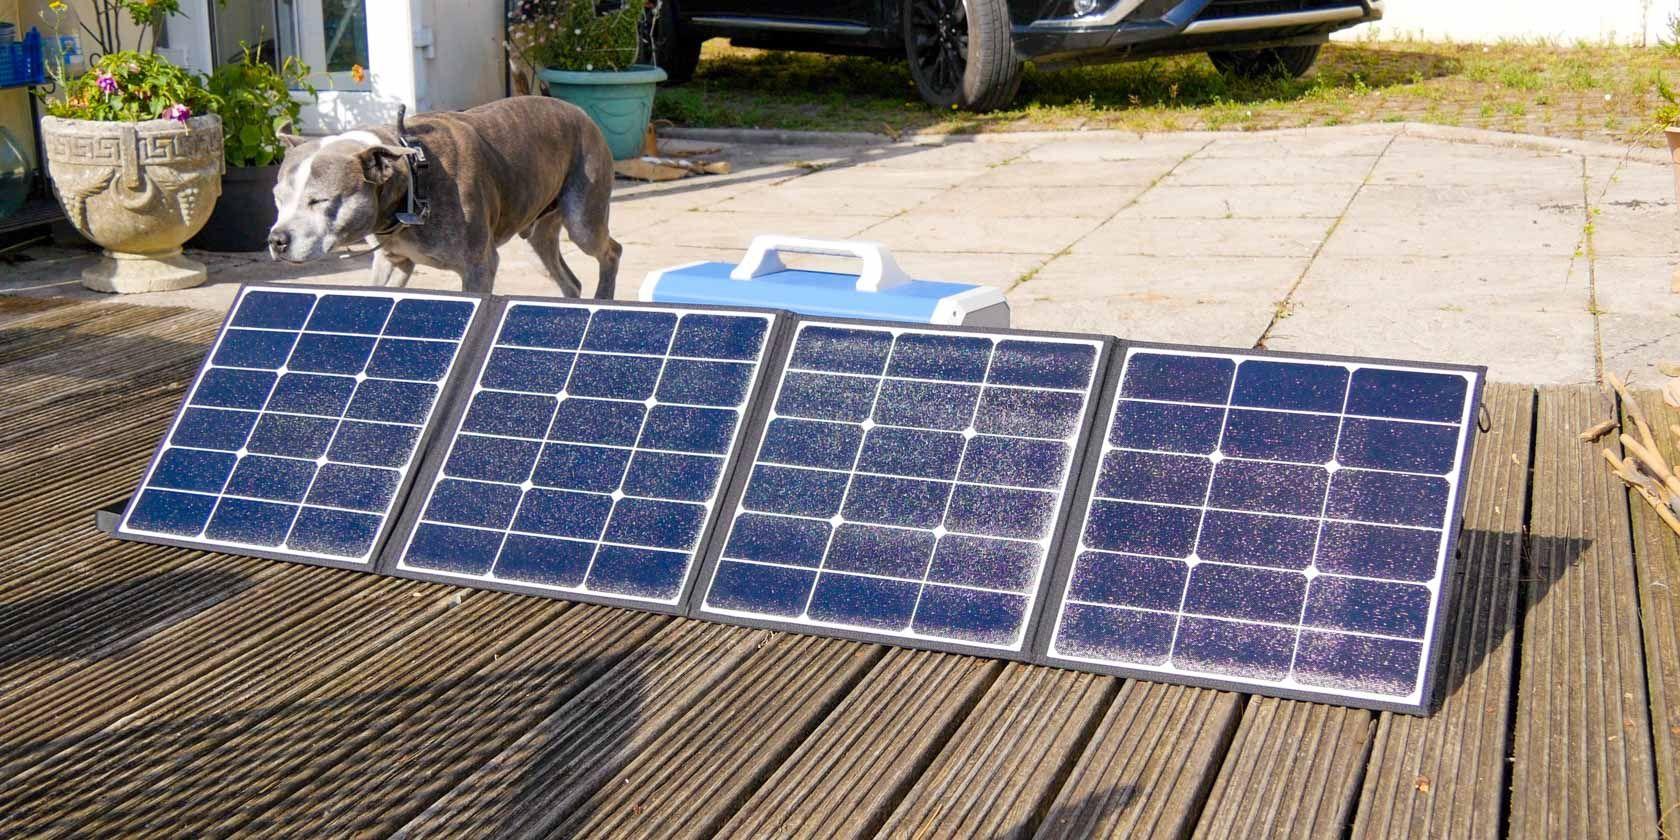 Portable Powerful Solar Panel Maxoak Sp120 Review In 2020 Portable Battery Pack Portable Solar Panels Solar Panels